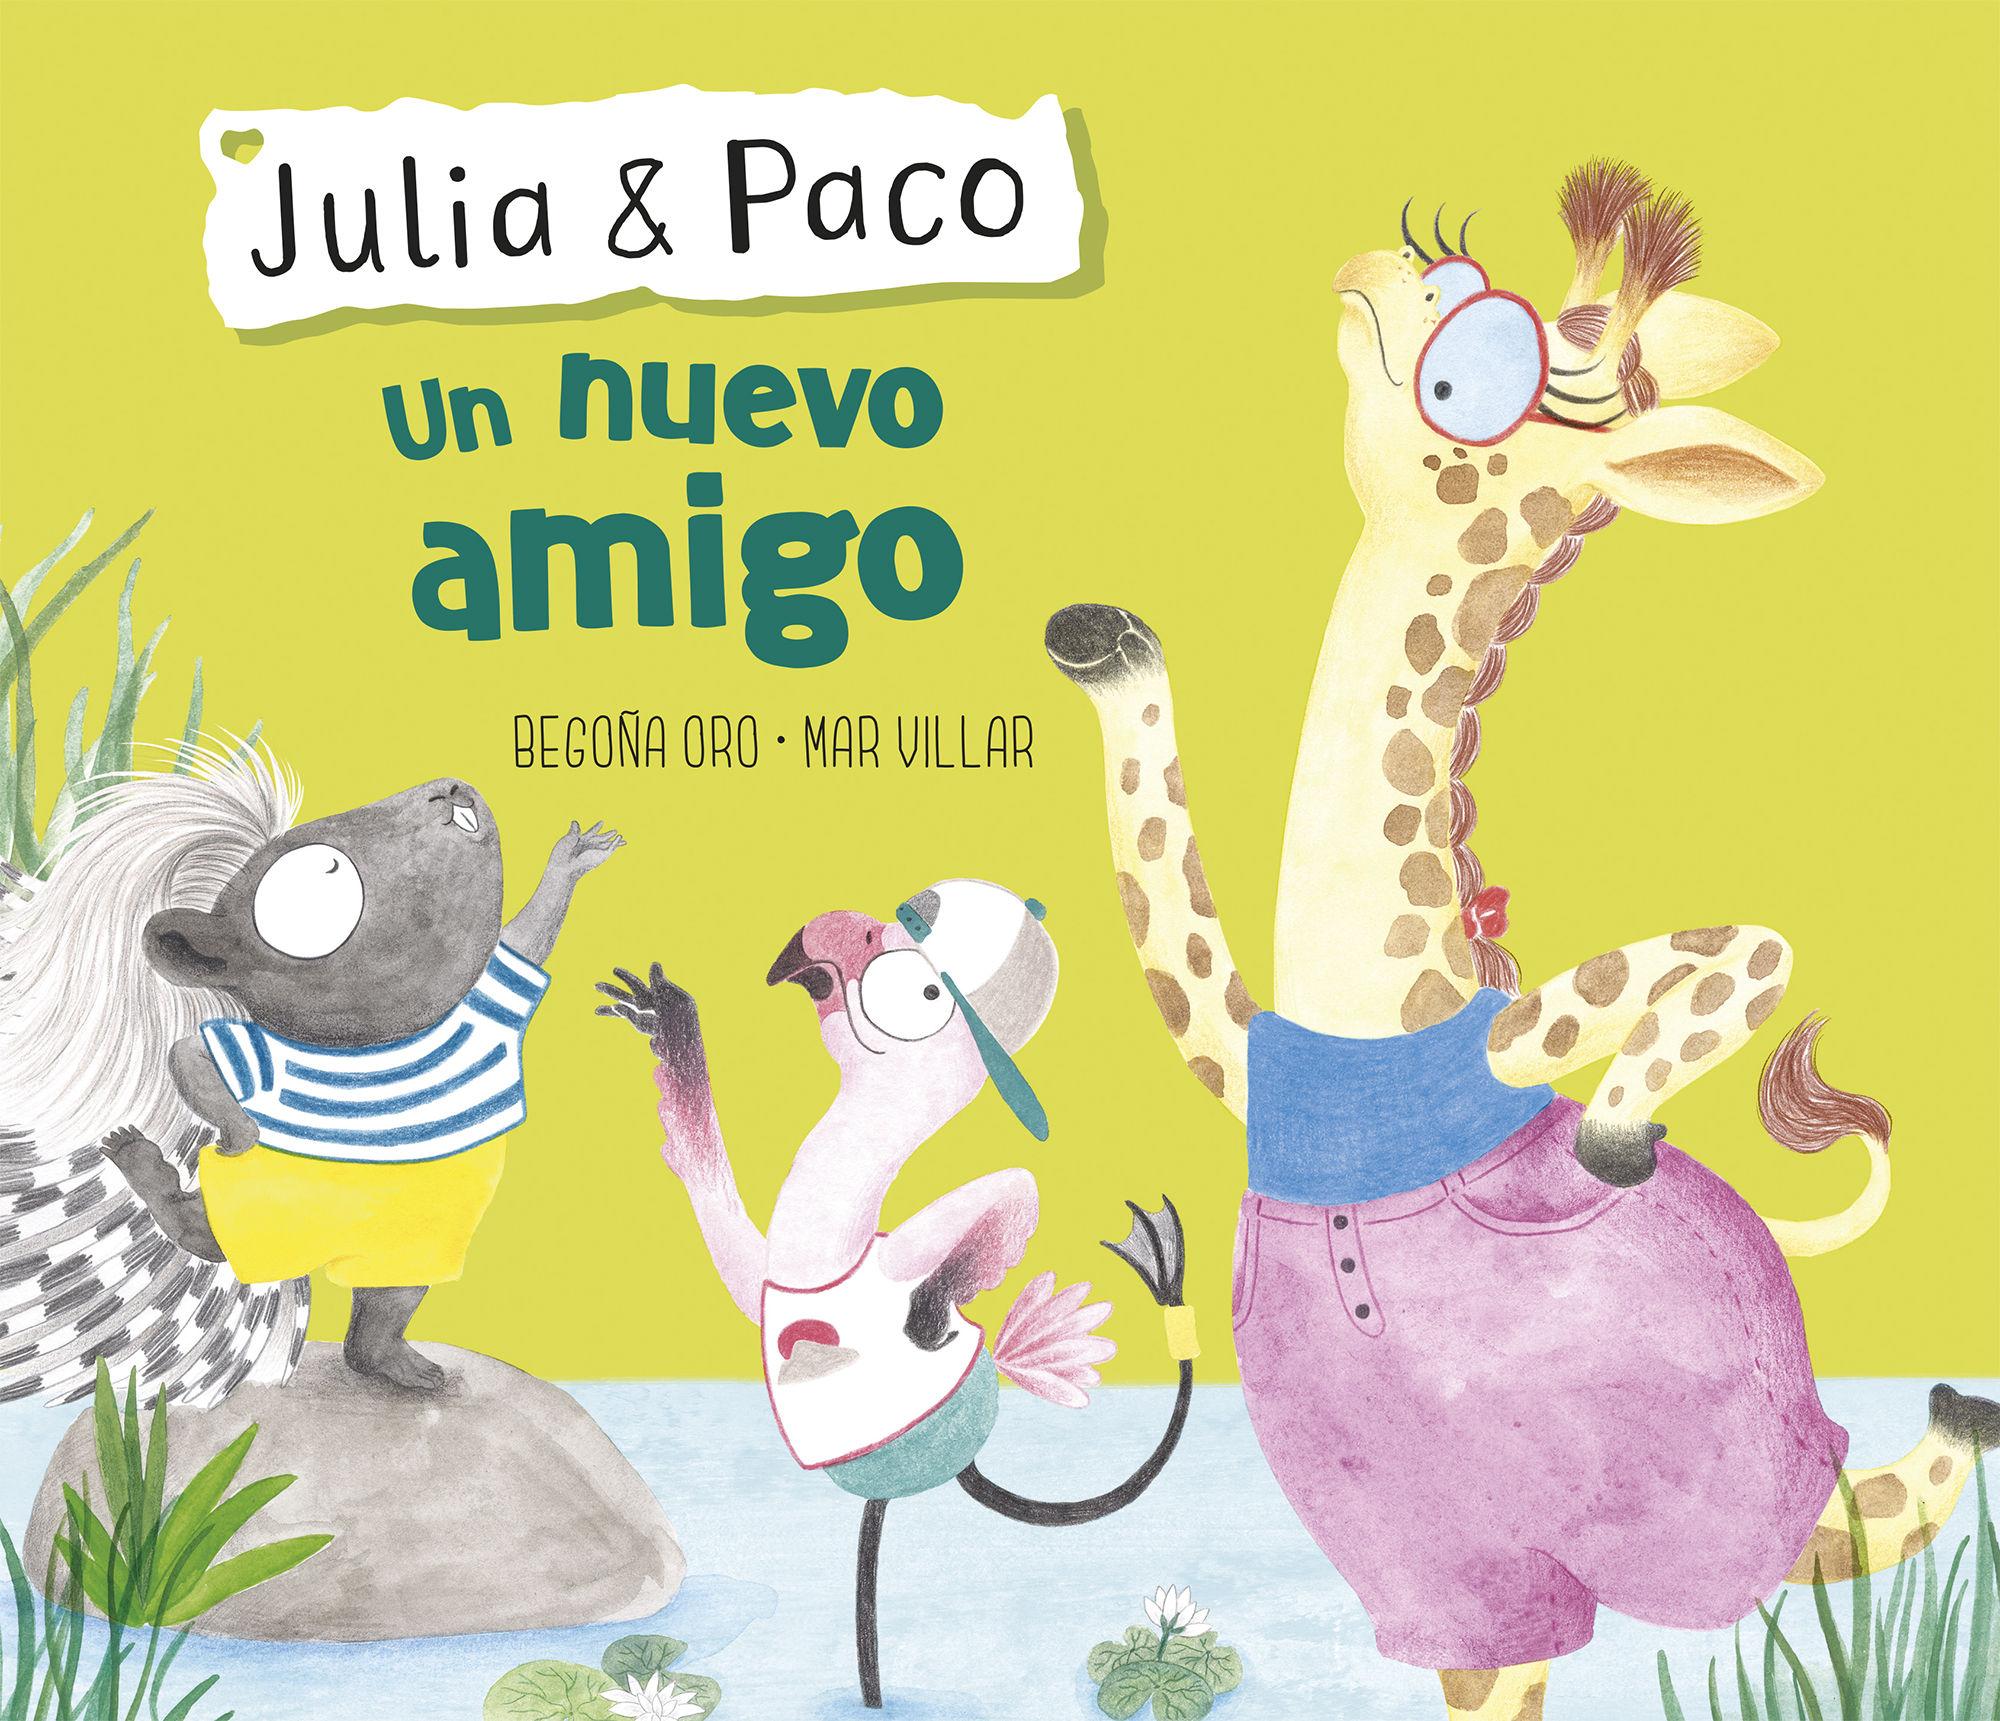 UN NUEVO AMIGO (JULIA & PACO)